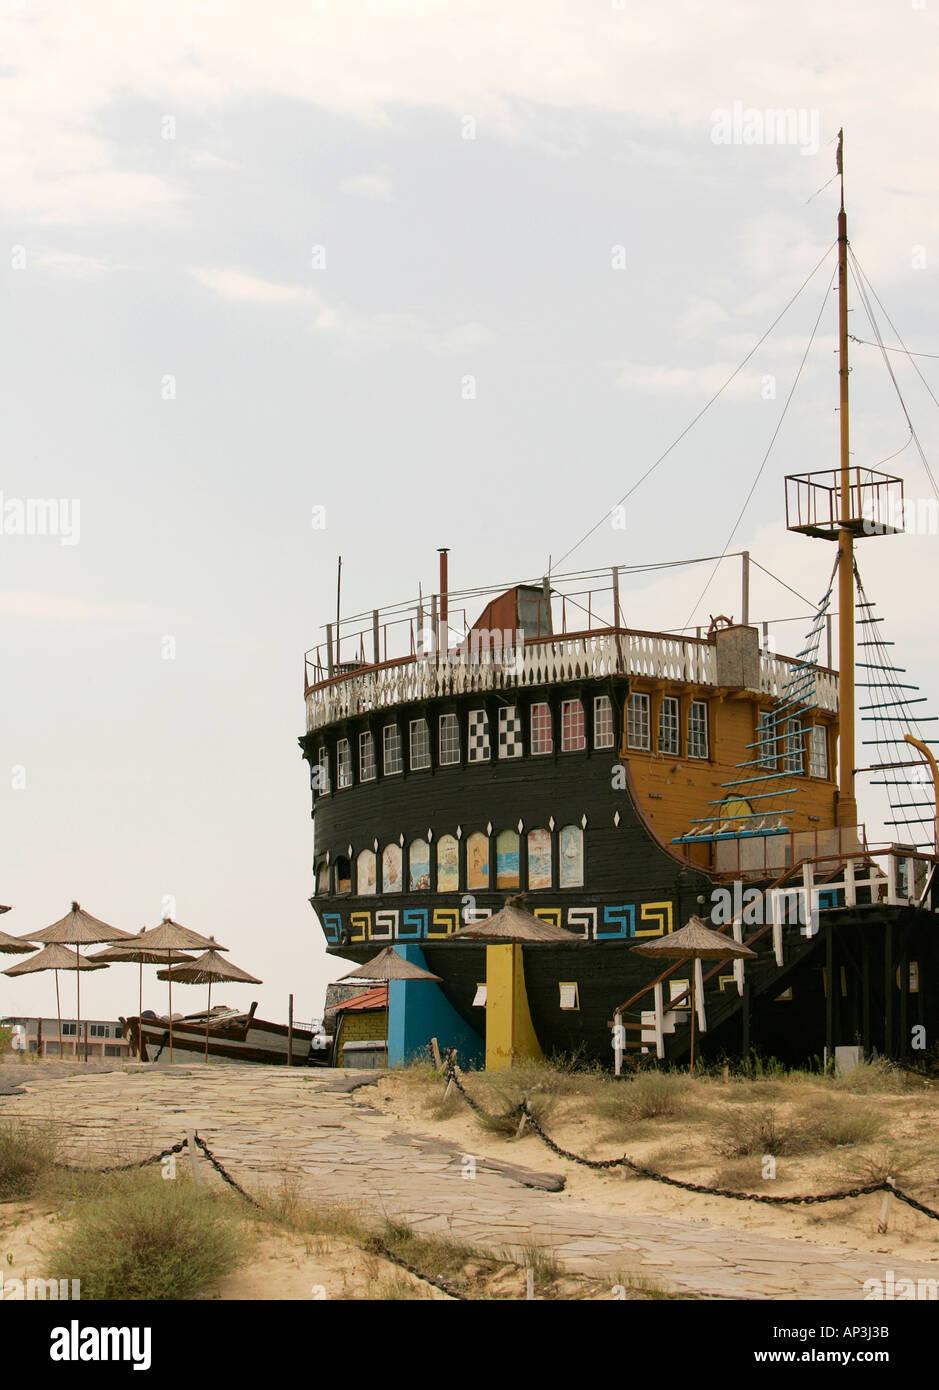 Sunny Beach Bulgaria Pier